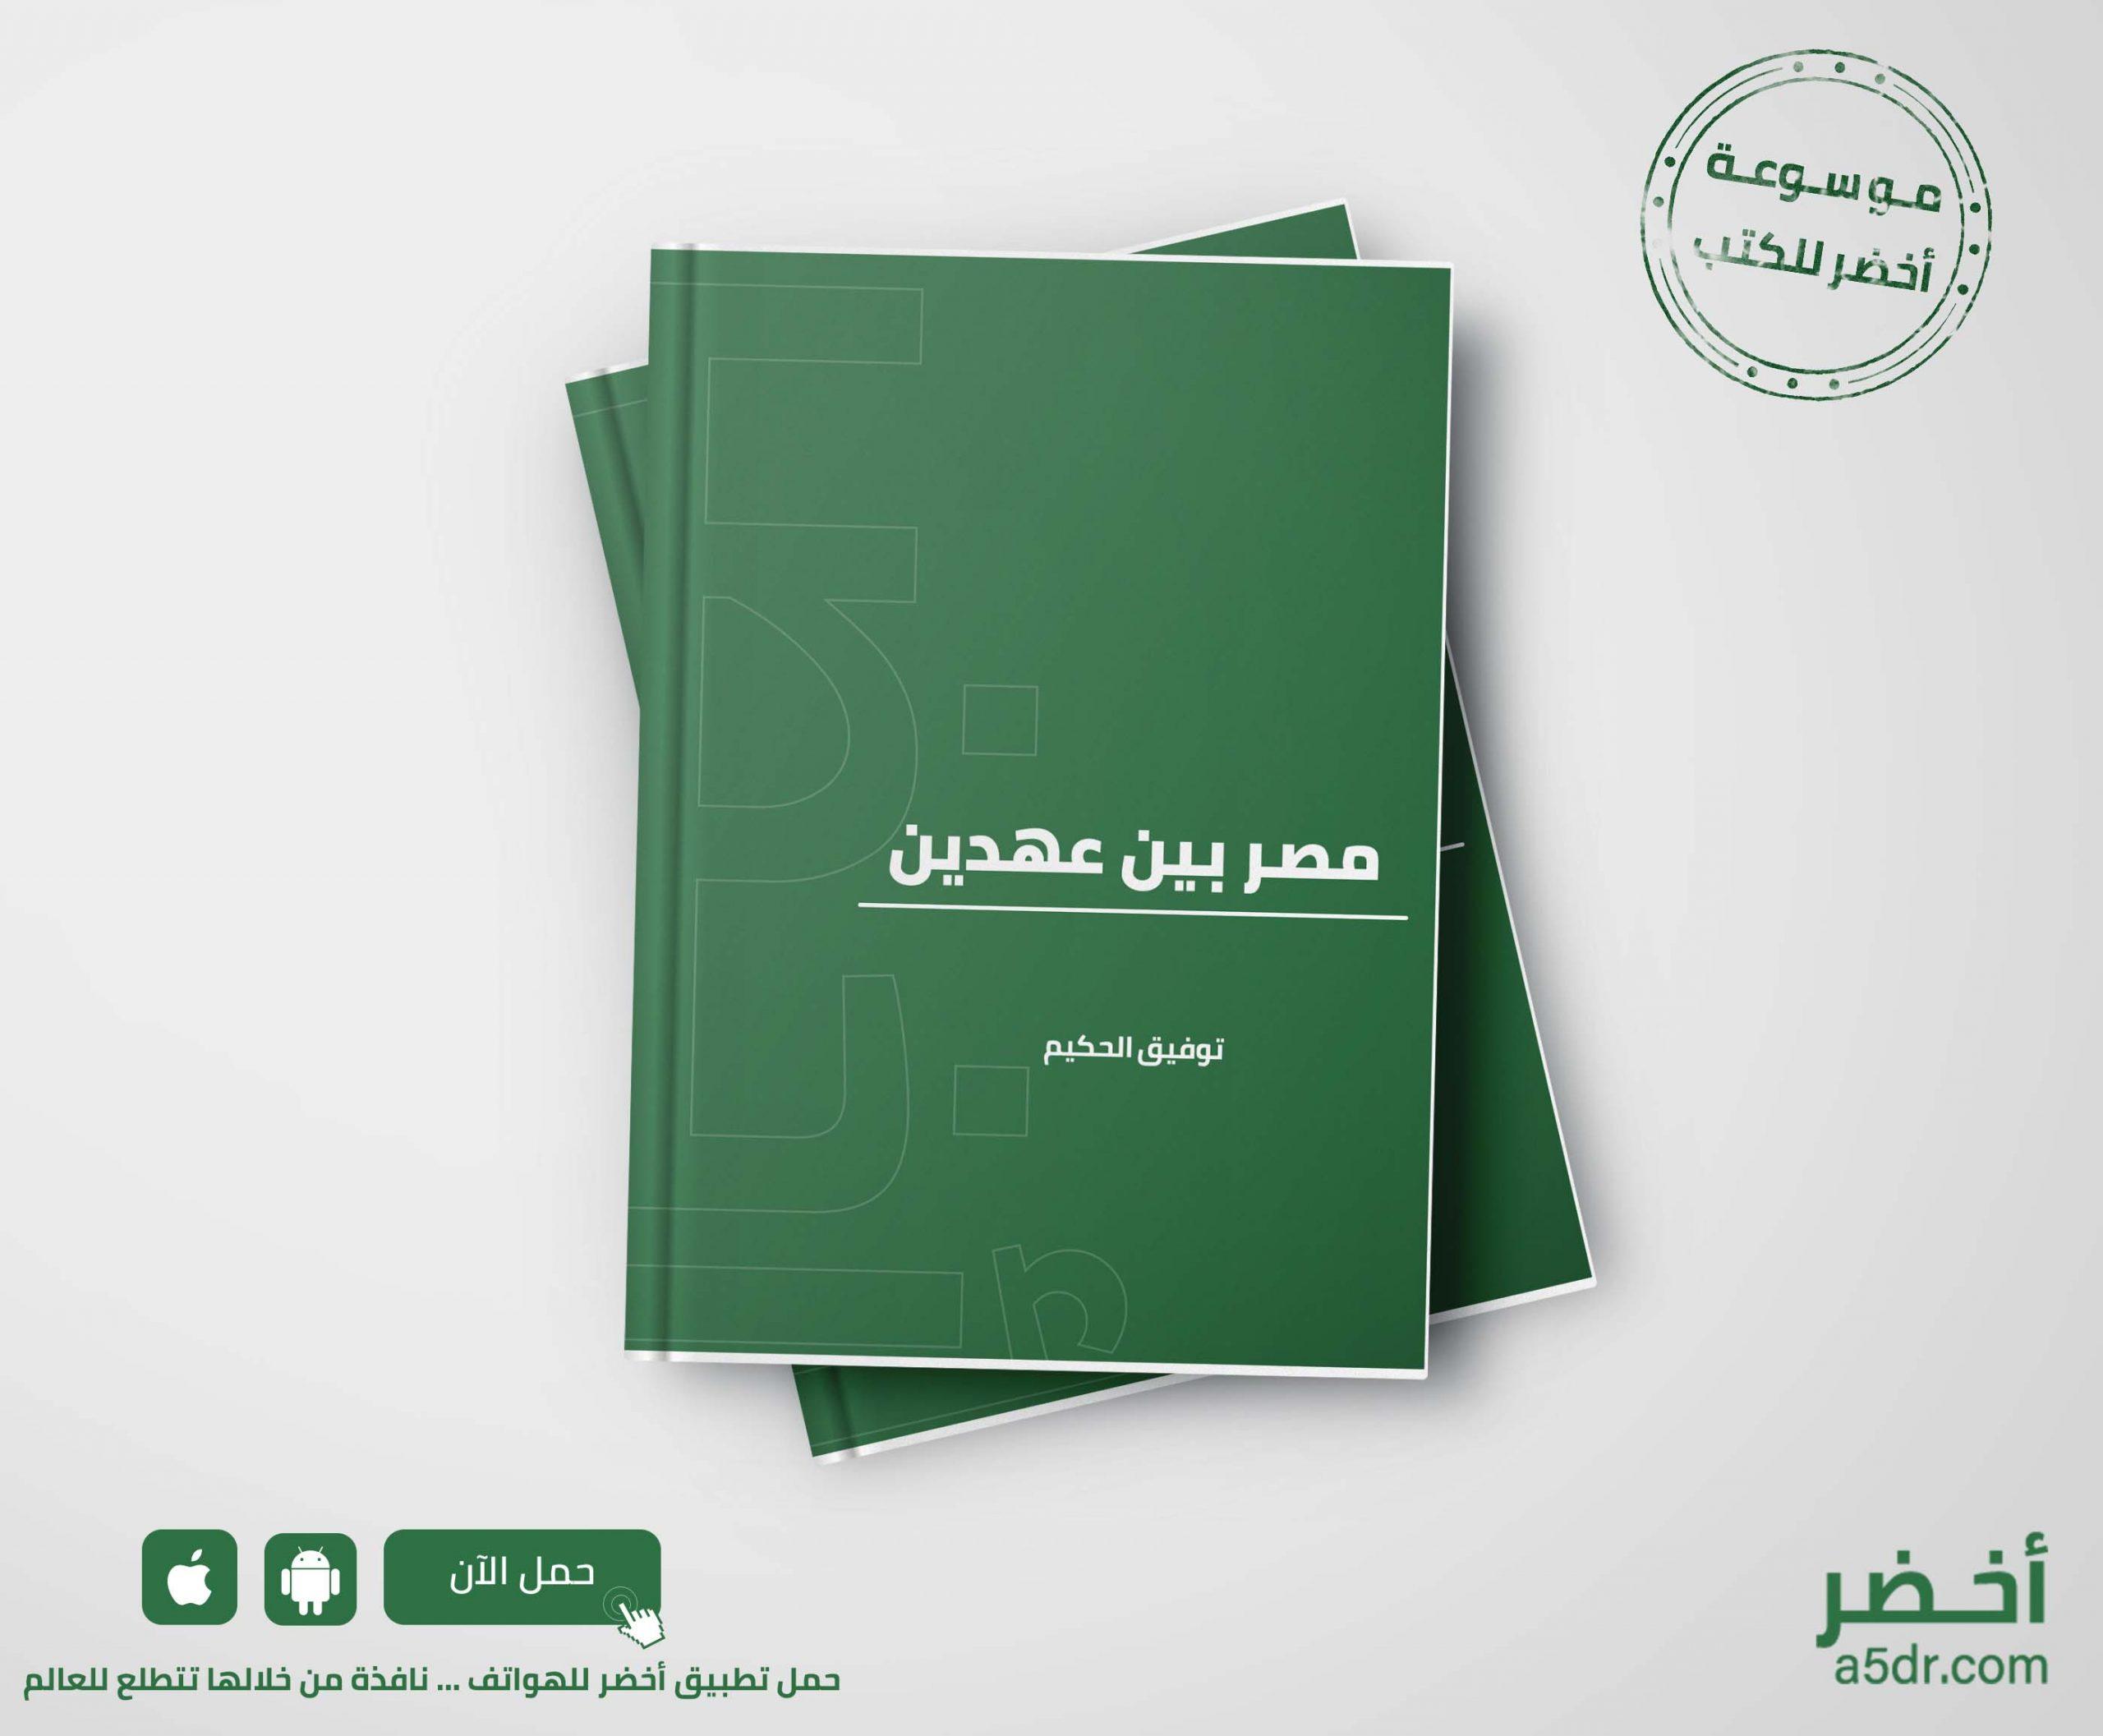 كتاب مصر بين عهدين - توفيق الحكيم